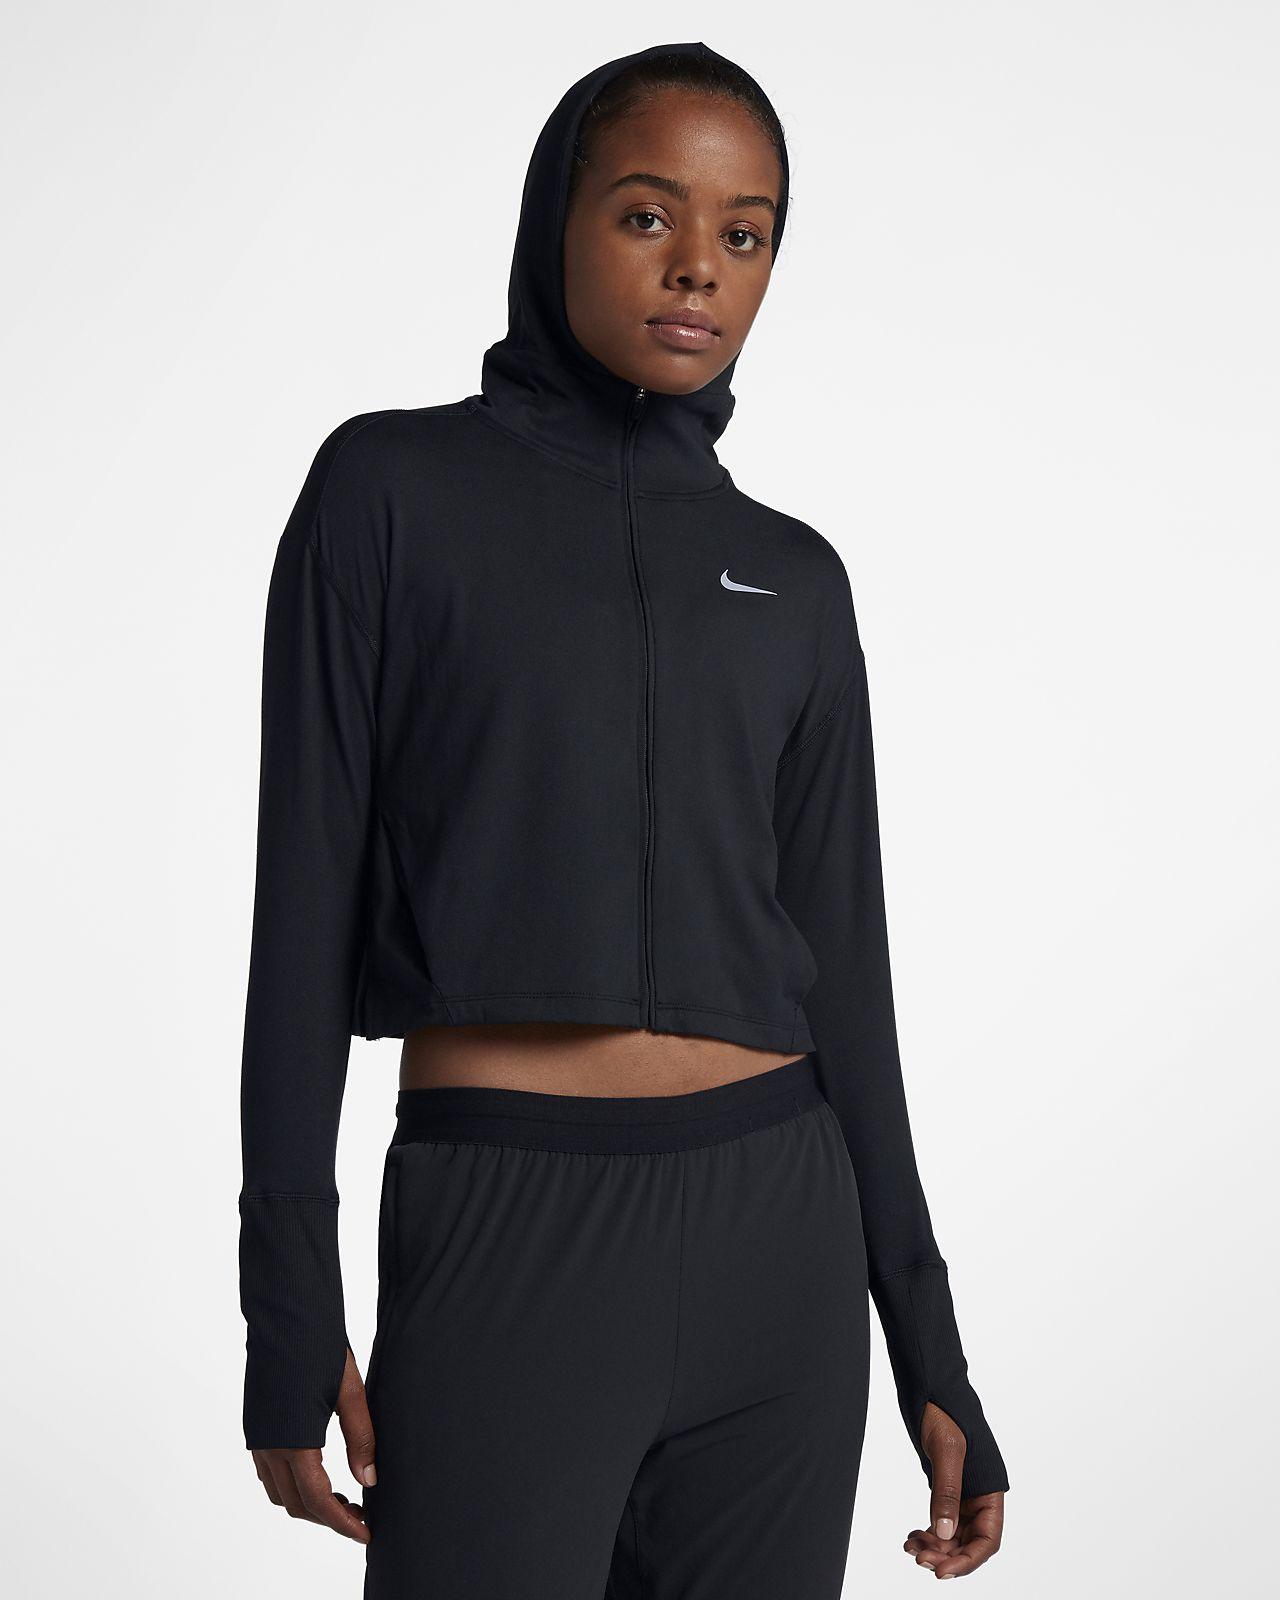 Nike Damska bluza z kapturem i zamkiem 12 do piłki nożnej